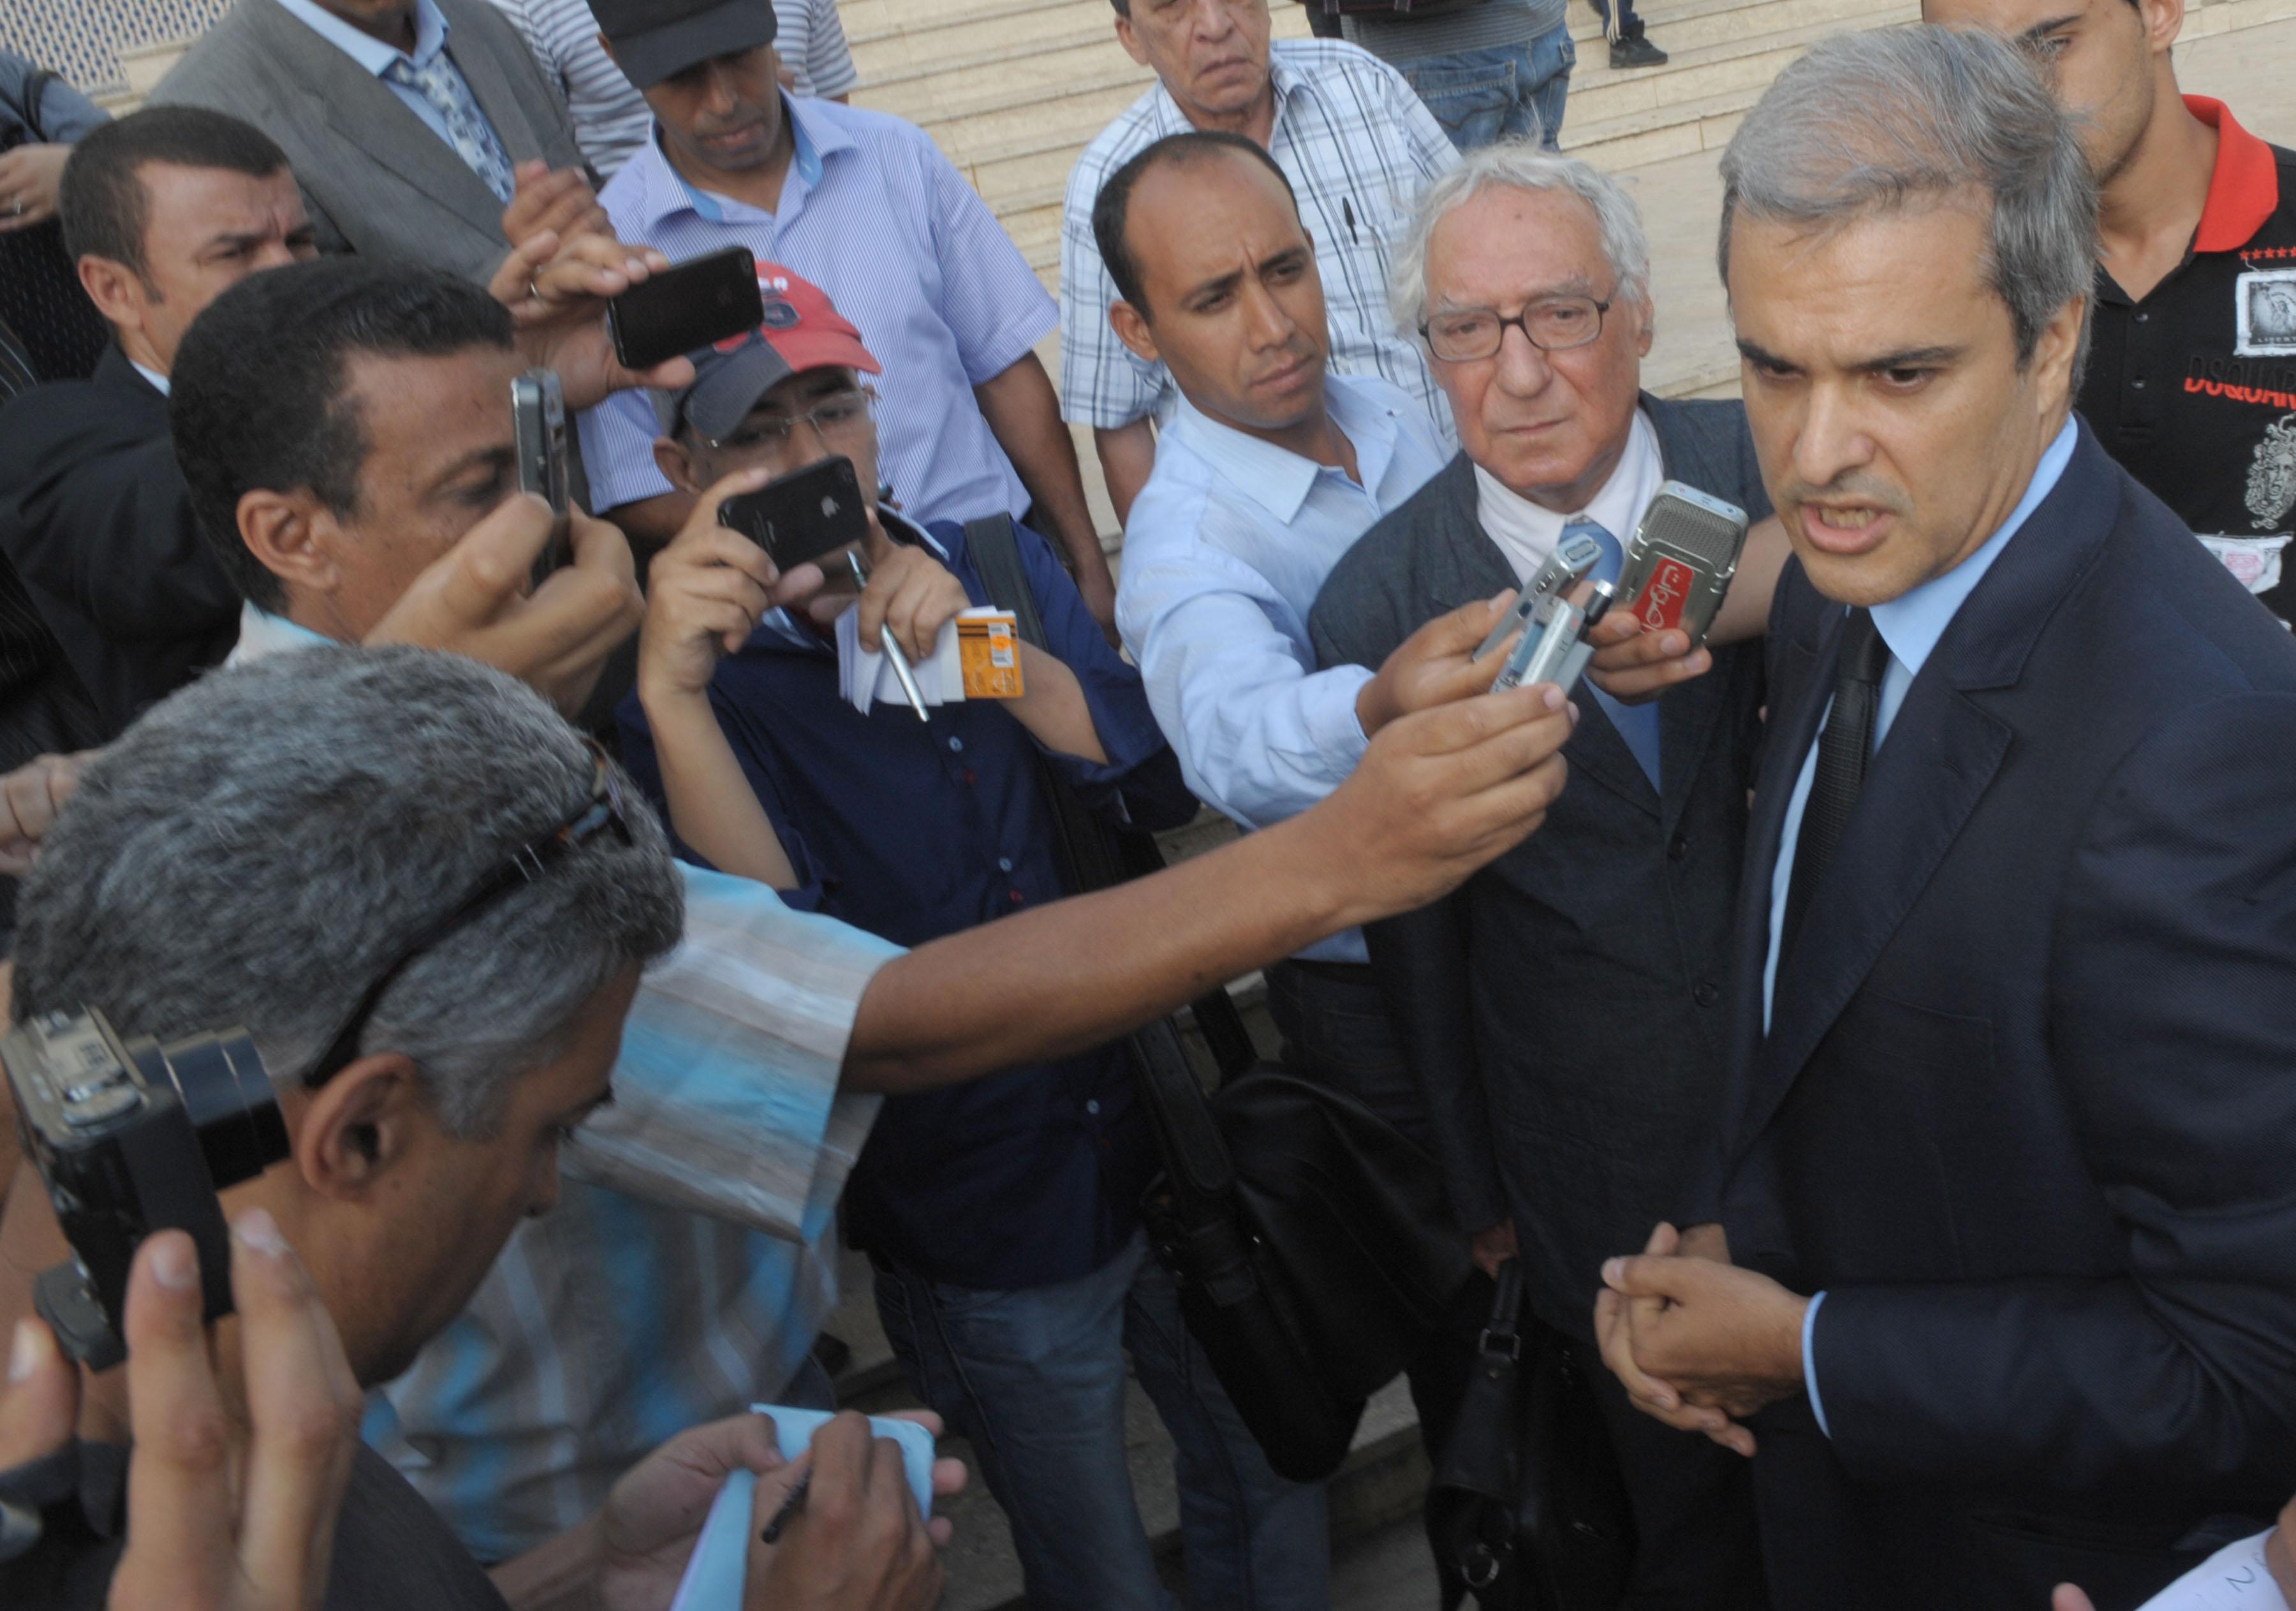 الأمير هشام العلوي يتحدث إلى الصحافة (أرشيف)